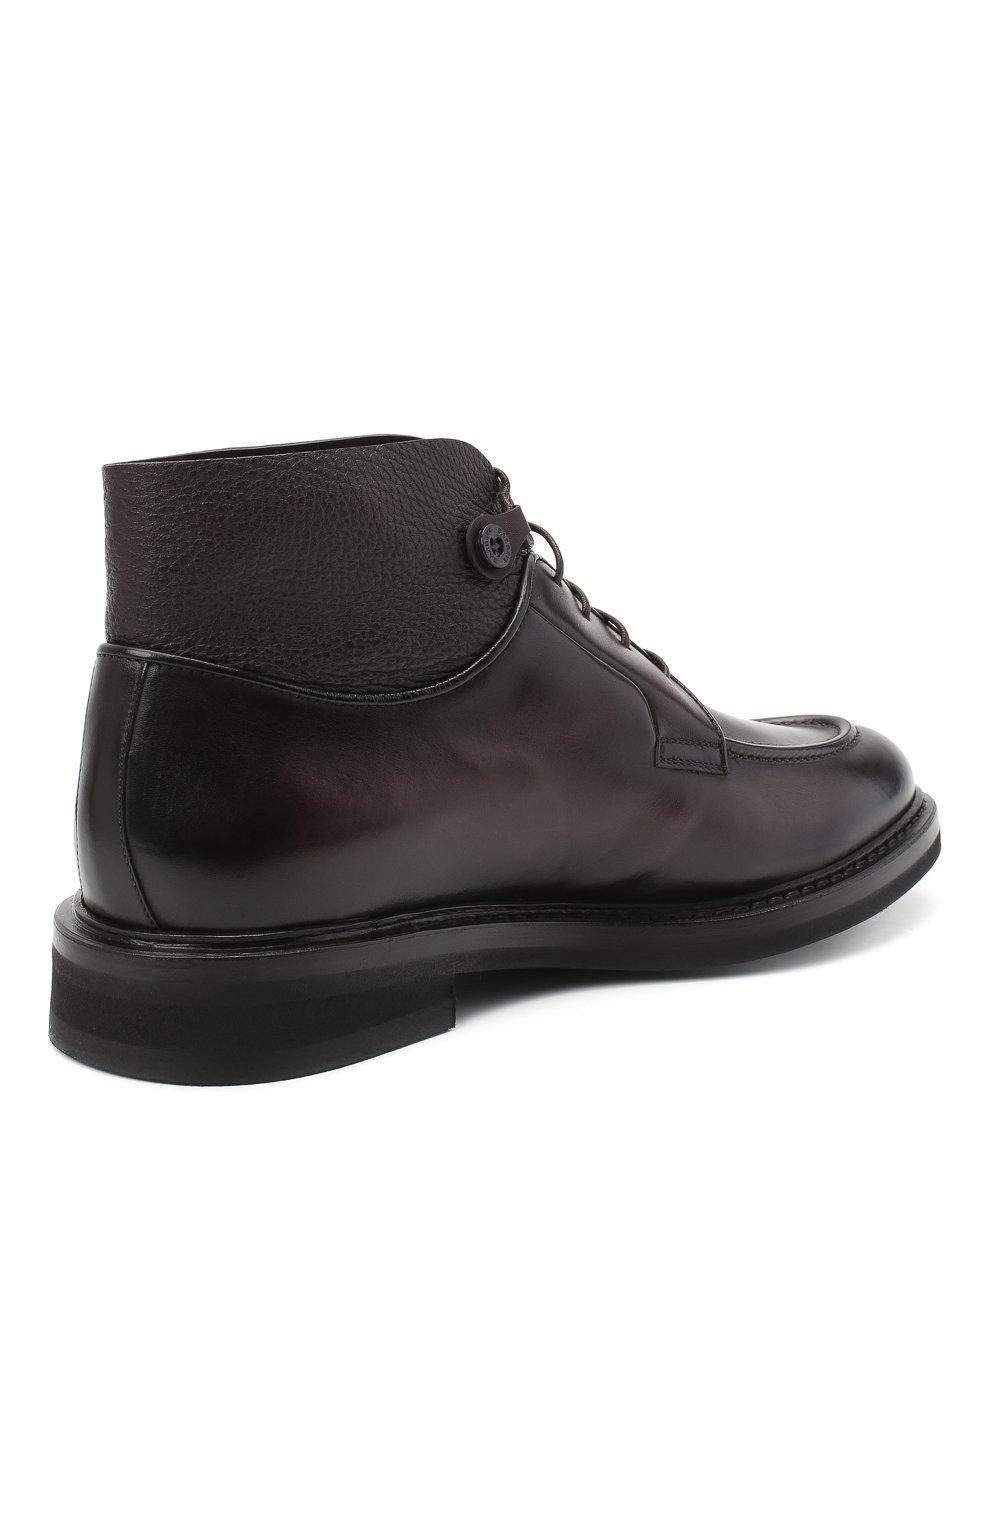 Мужские кожаные ботинки BARRETT темно-коричневого цвета, арт. 192U026.12/BETIS CREAM | Фото 4